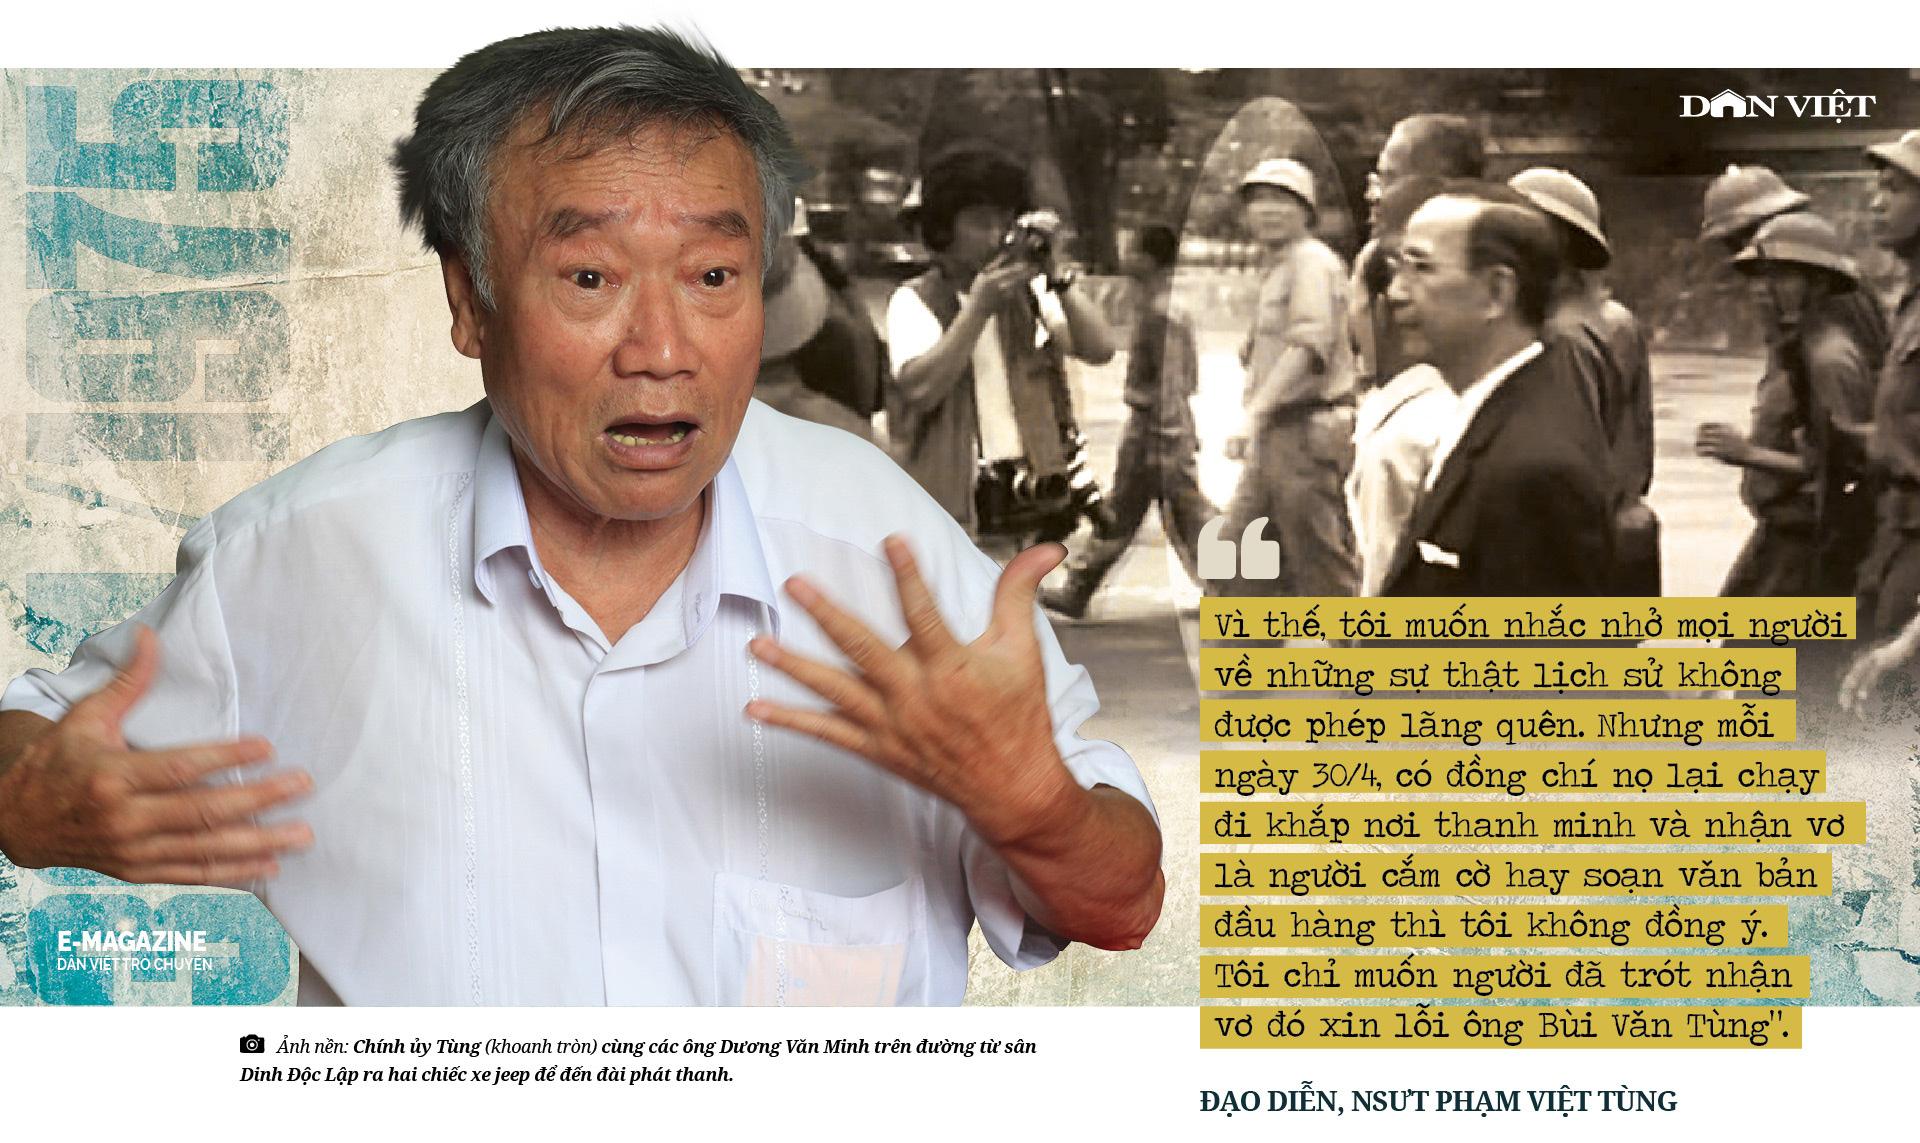 """Đạo diễn, NSƯT Phạm Việt Tùng: """"Có những sự thật 30/4/1975 cần làm sáng tỏ để không phải xấu hổ trước lịch sử""""  - Ảnh 5."""